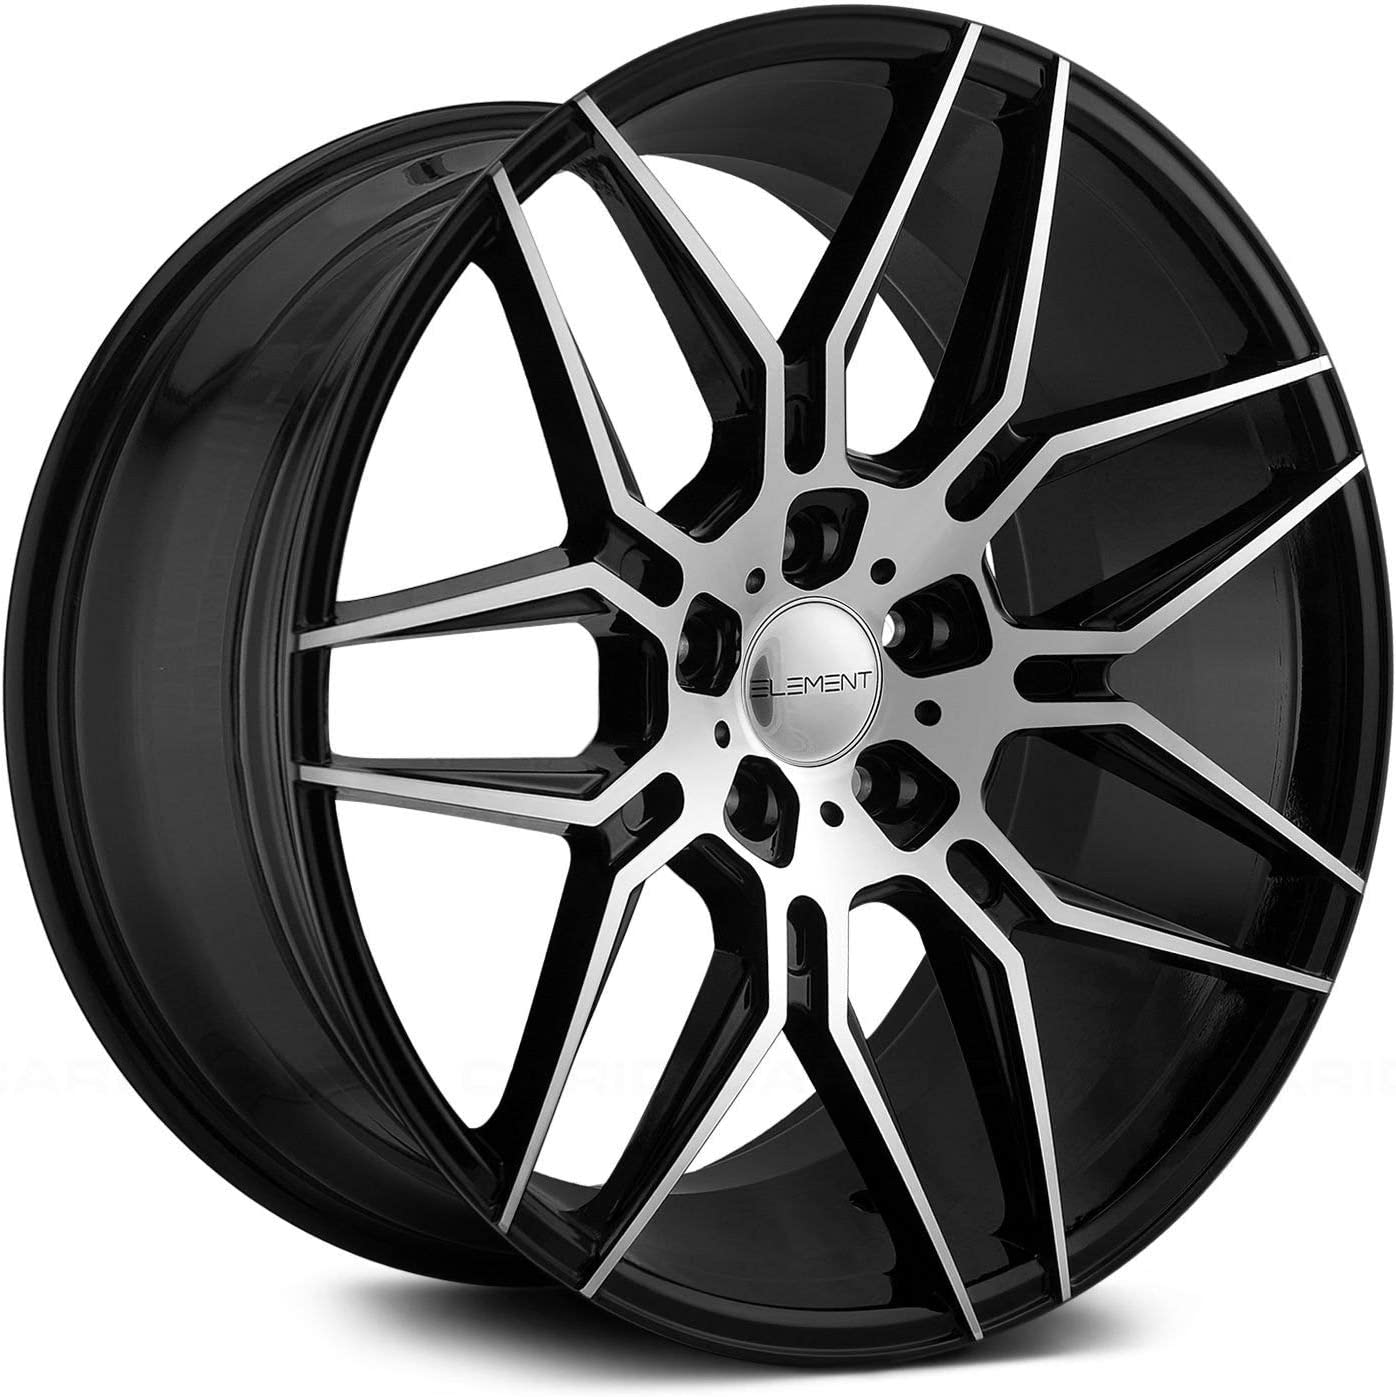 Spec-1 SP-53 Custom Wheel Gloss 17 x 7.5 42 Offset 5x114.3 Bolt Pattern Black Rims 5x112 73.1mm Hub